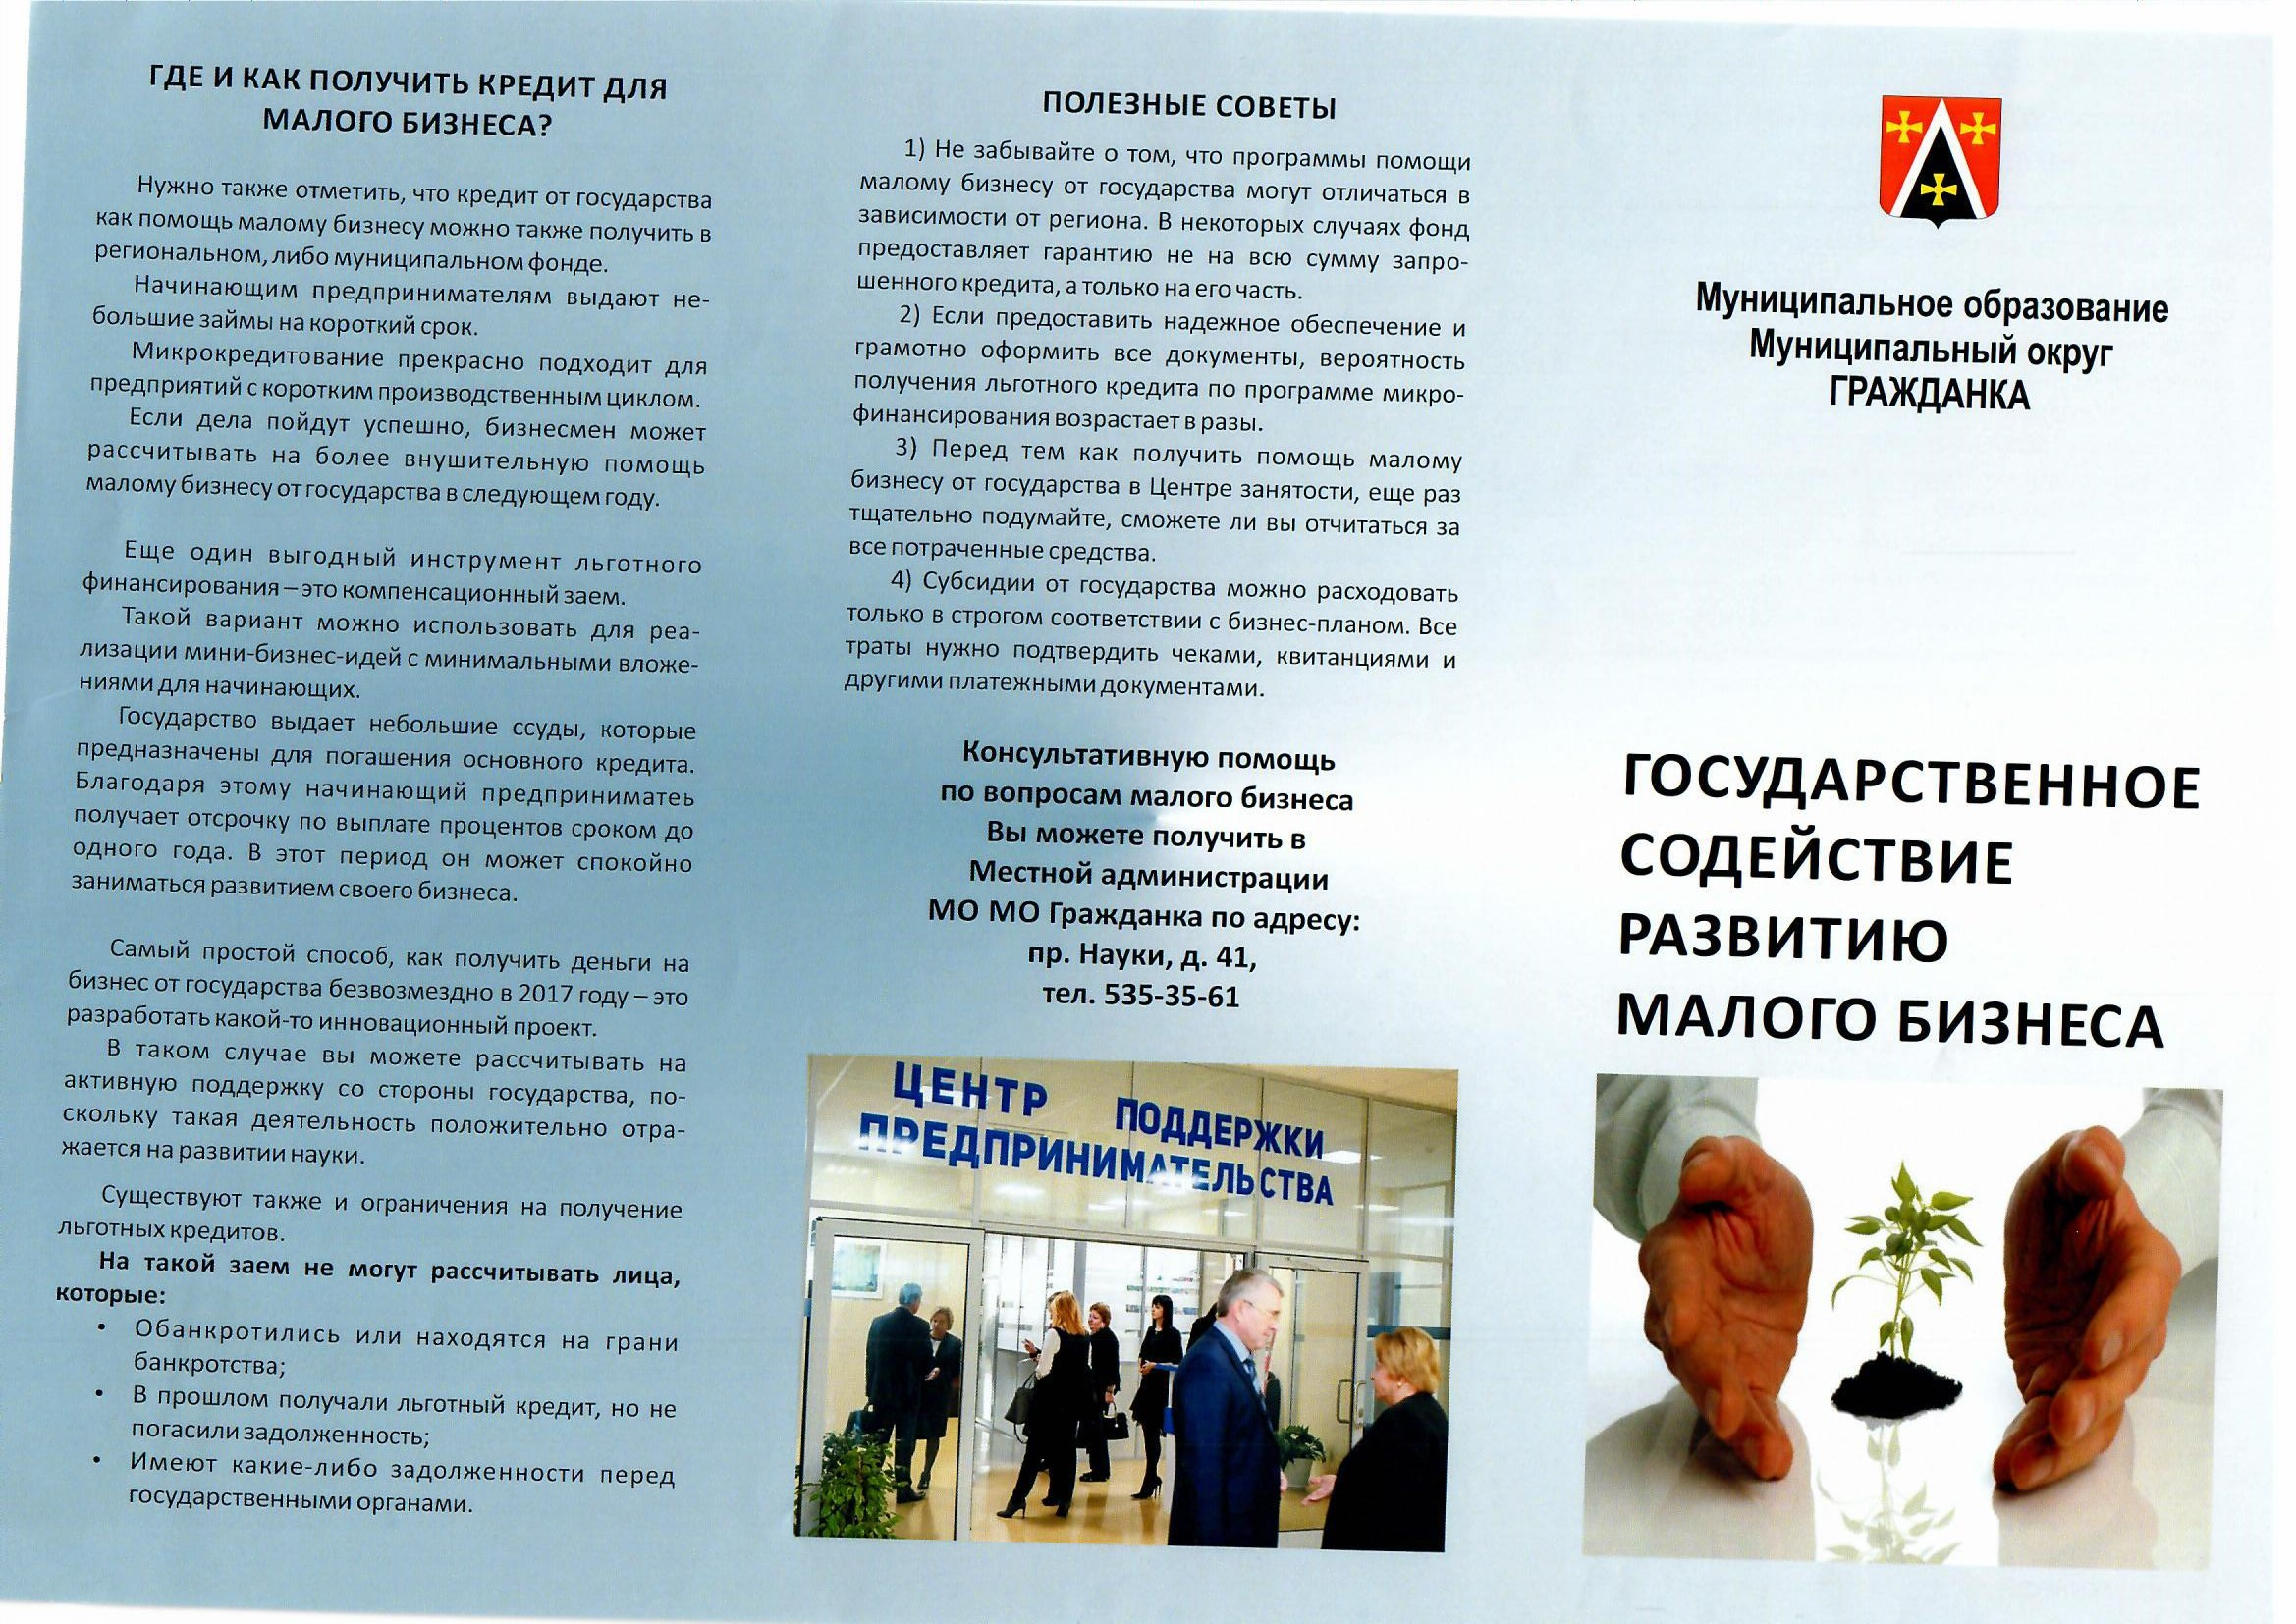 Брошюра «Государственное содействие развитию малого бизнеса»